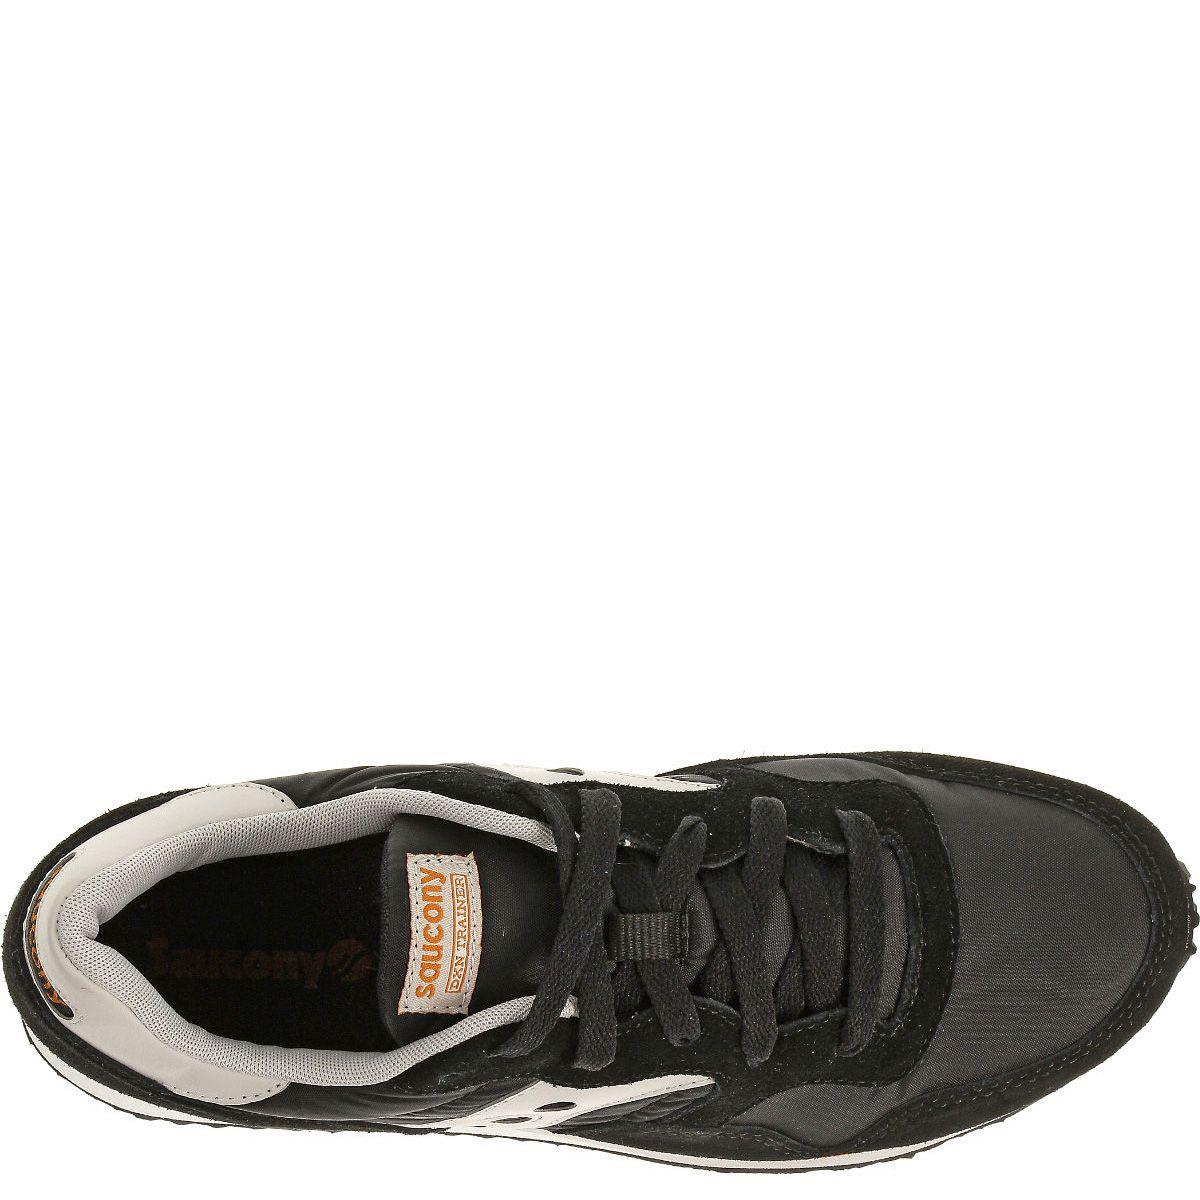 Мужские кроссовки Saucony DXN Trainer черные